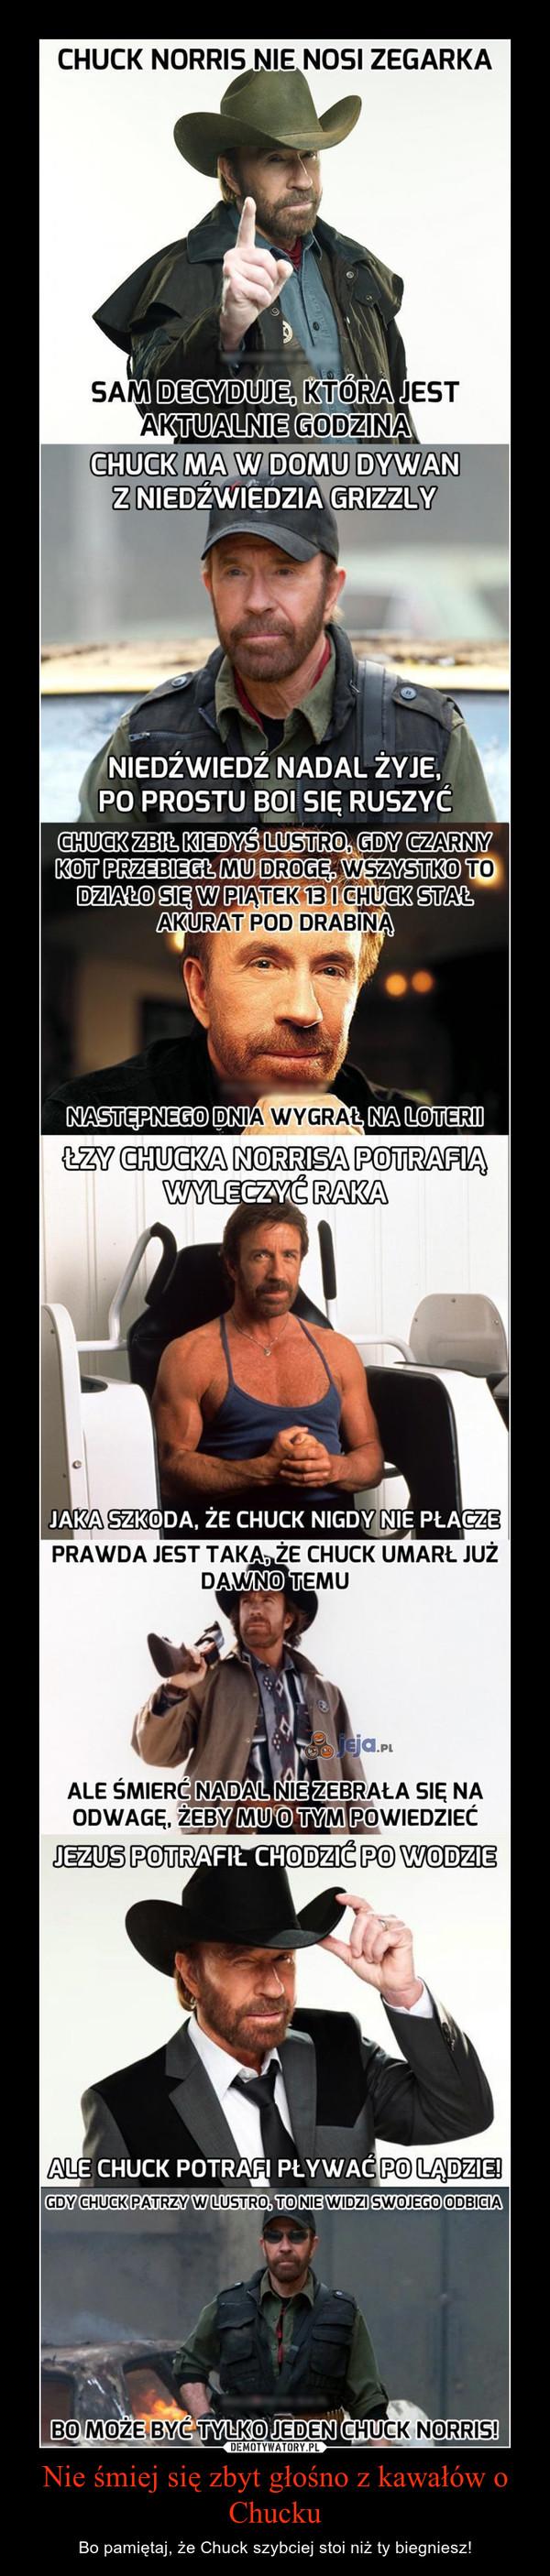 Nie śmiej się zbyt głośno z kawałów o Chucku – Bo pamiętaj, że Chuck szybciej stoi niż ty biegniesz!